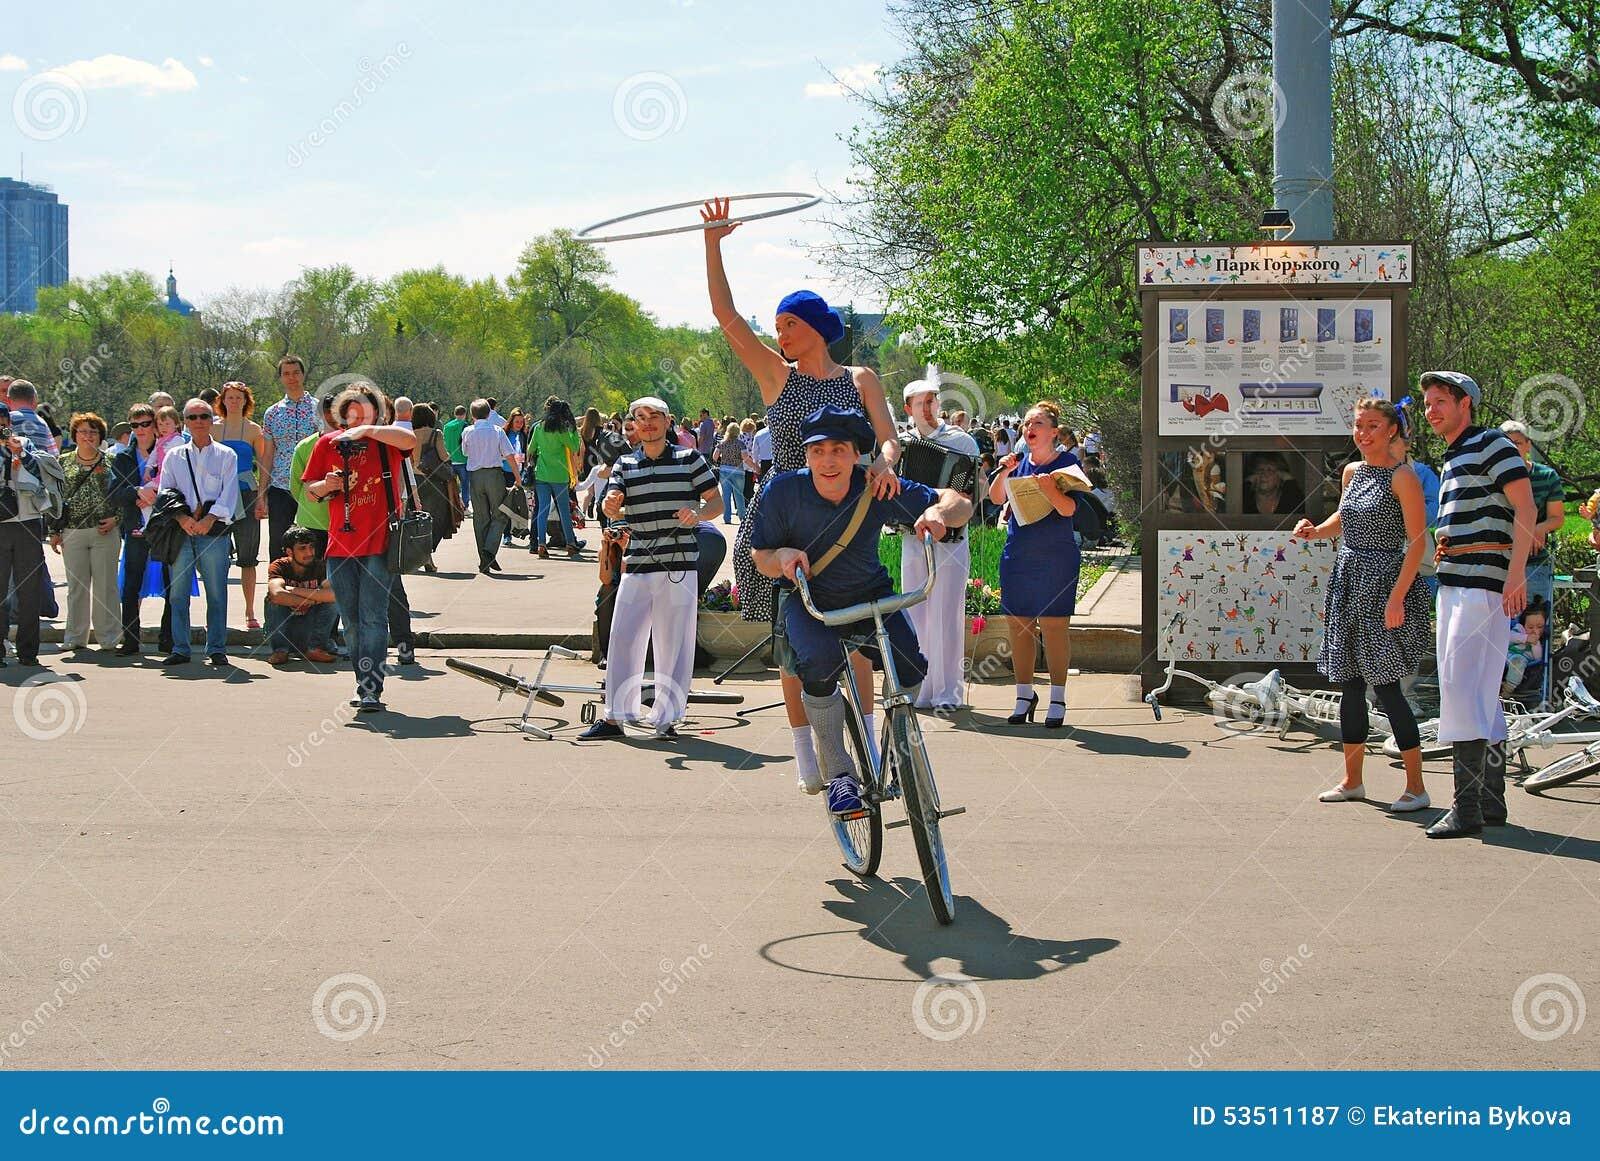 Unga skådespelare som utför i Gorkyen, parkerar Wwoman och mannen rider en cykel